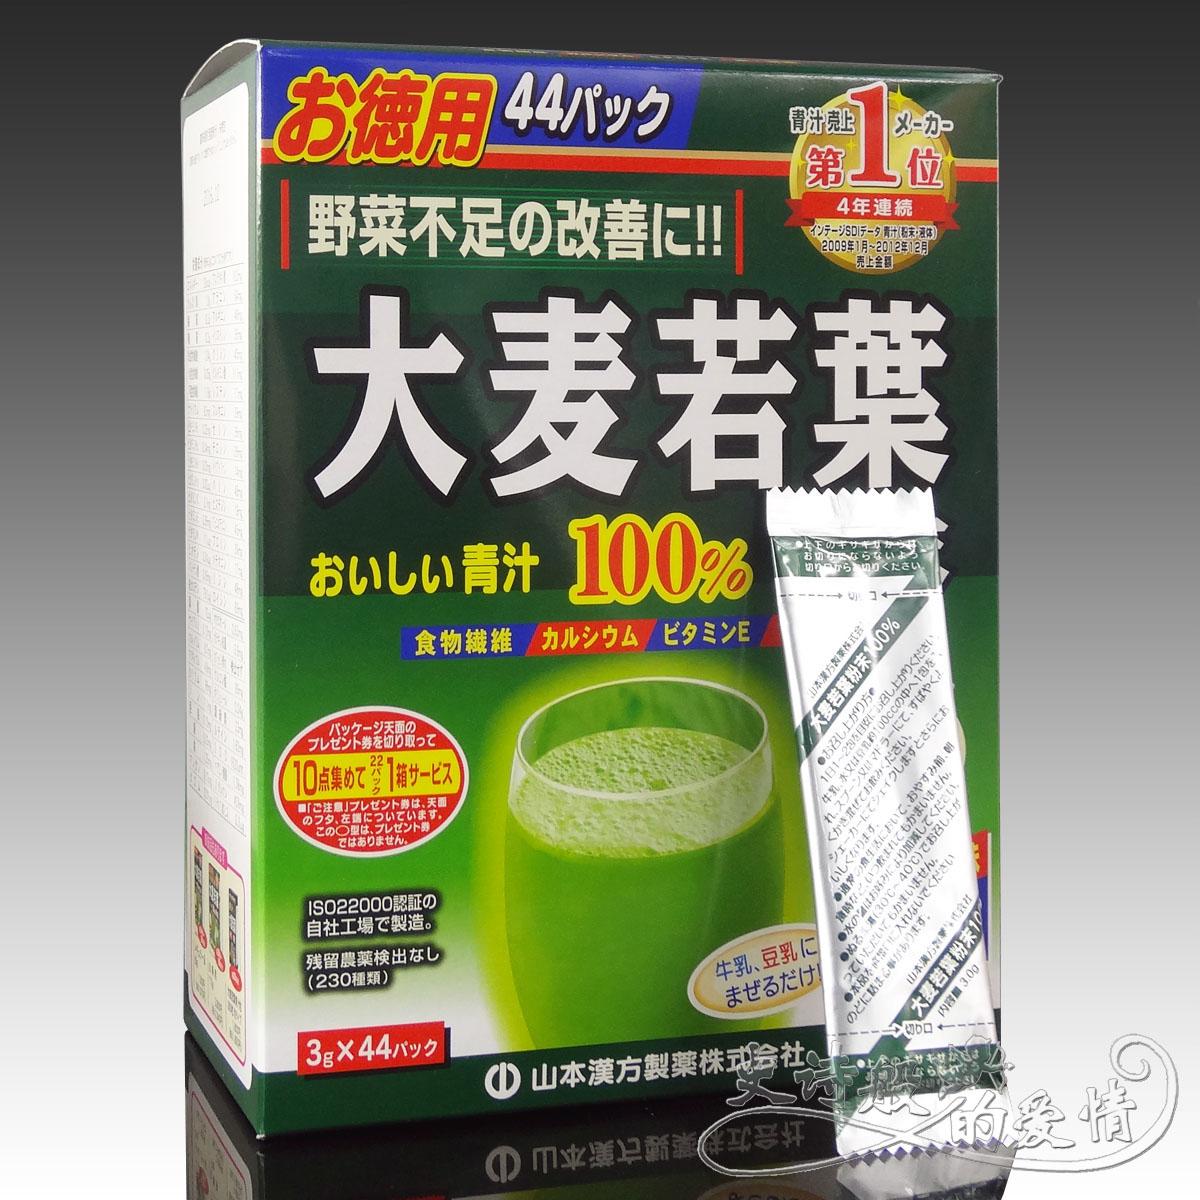 日本大麦若叶青汁_日本山本汉方100%大麦若叶青汁粉末 美容排毒养颜抹茶味44袋